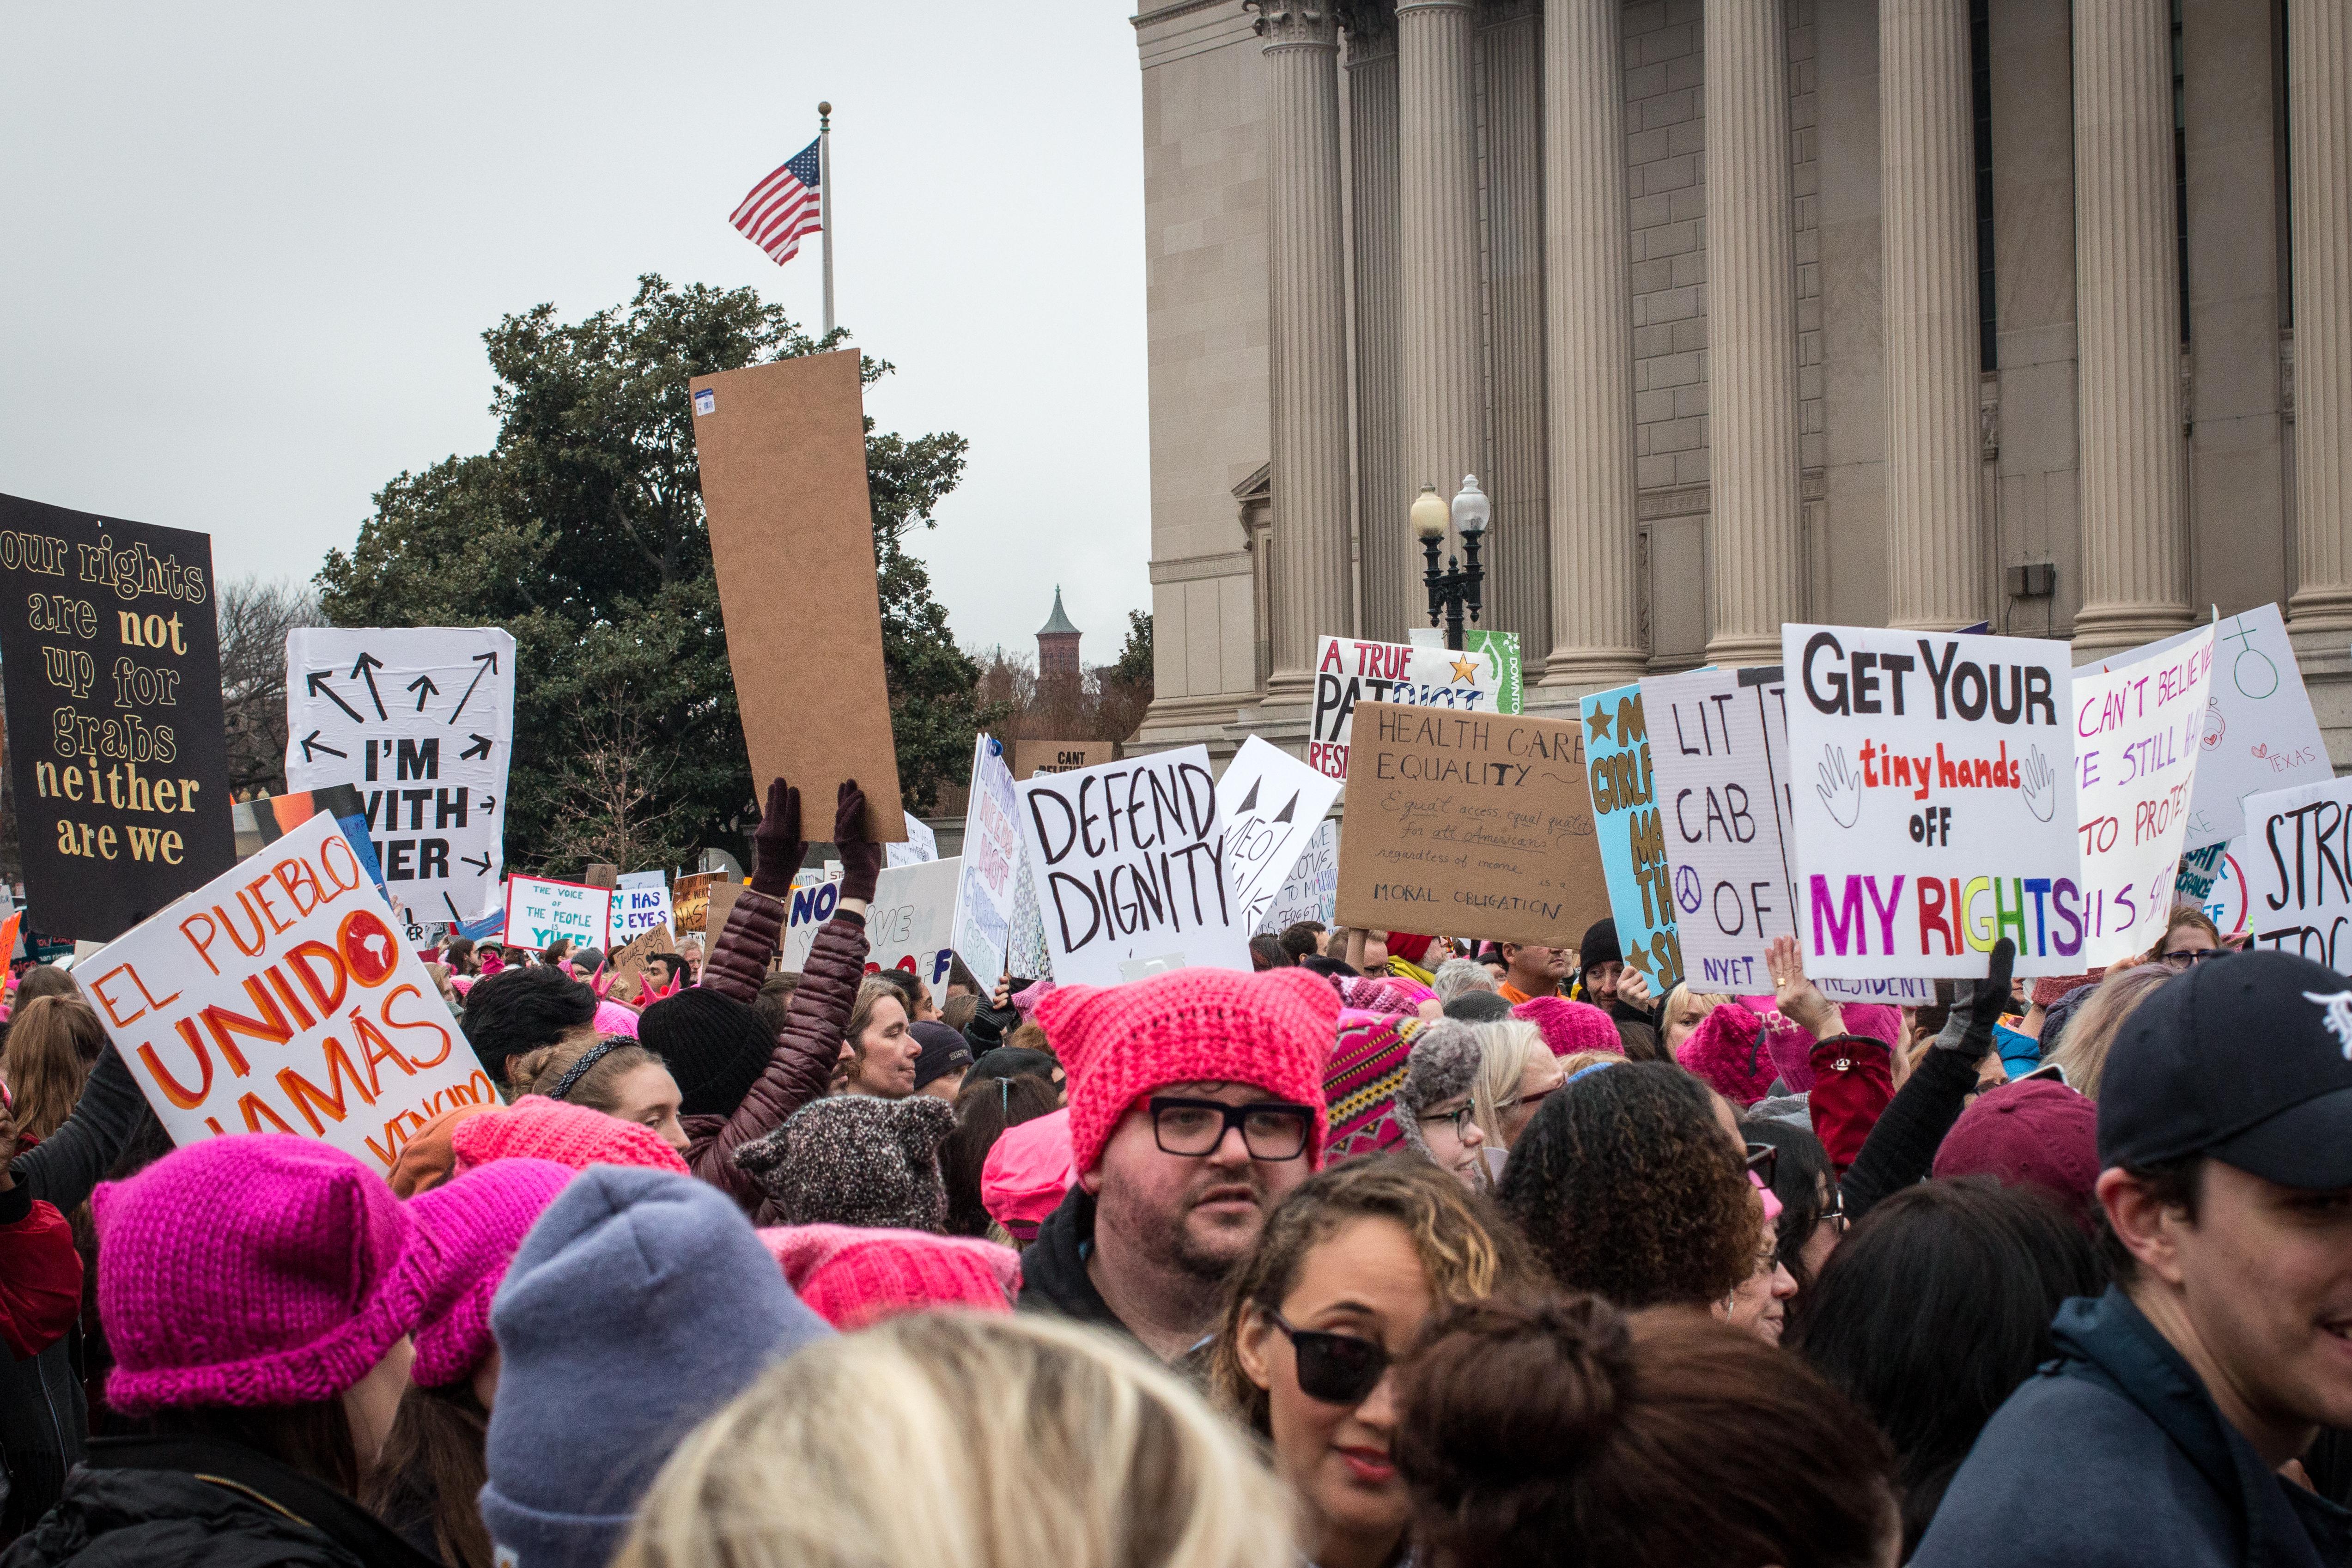 Washington, D.C. Women's March